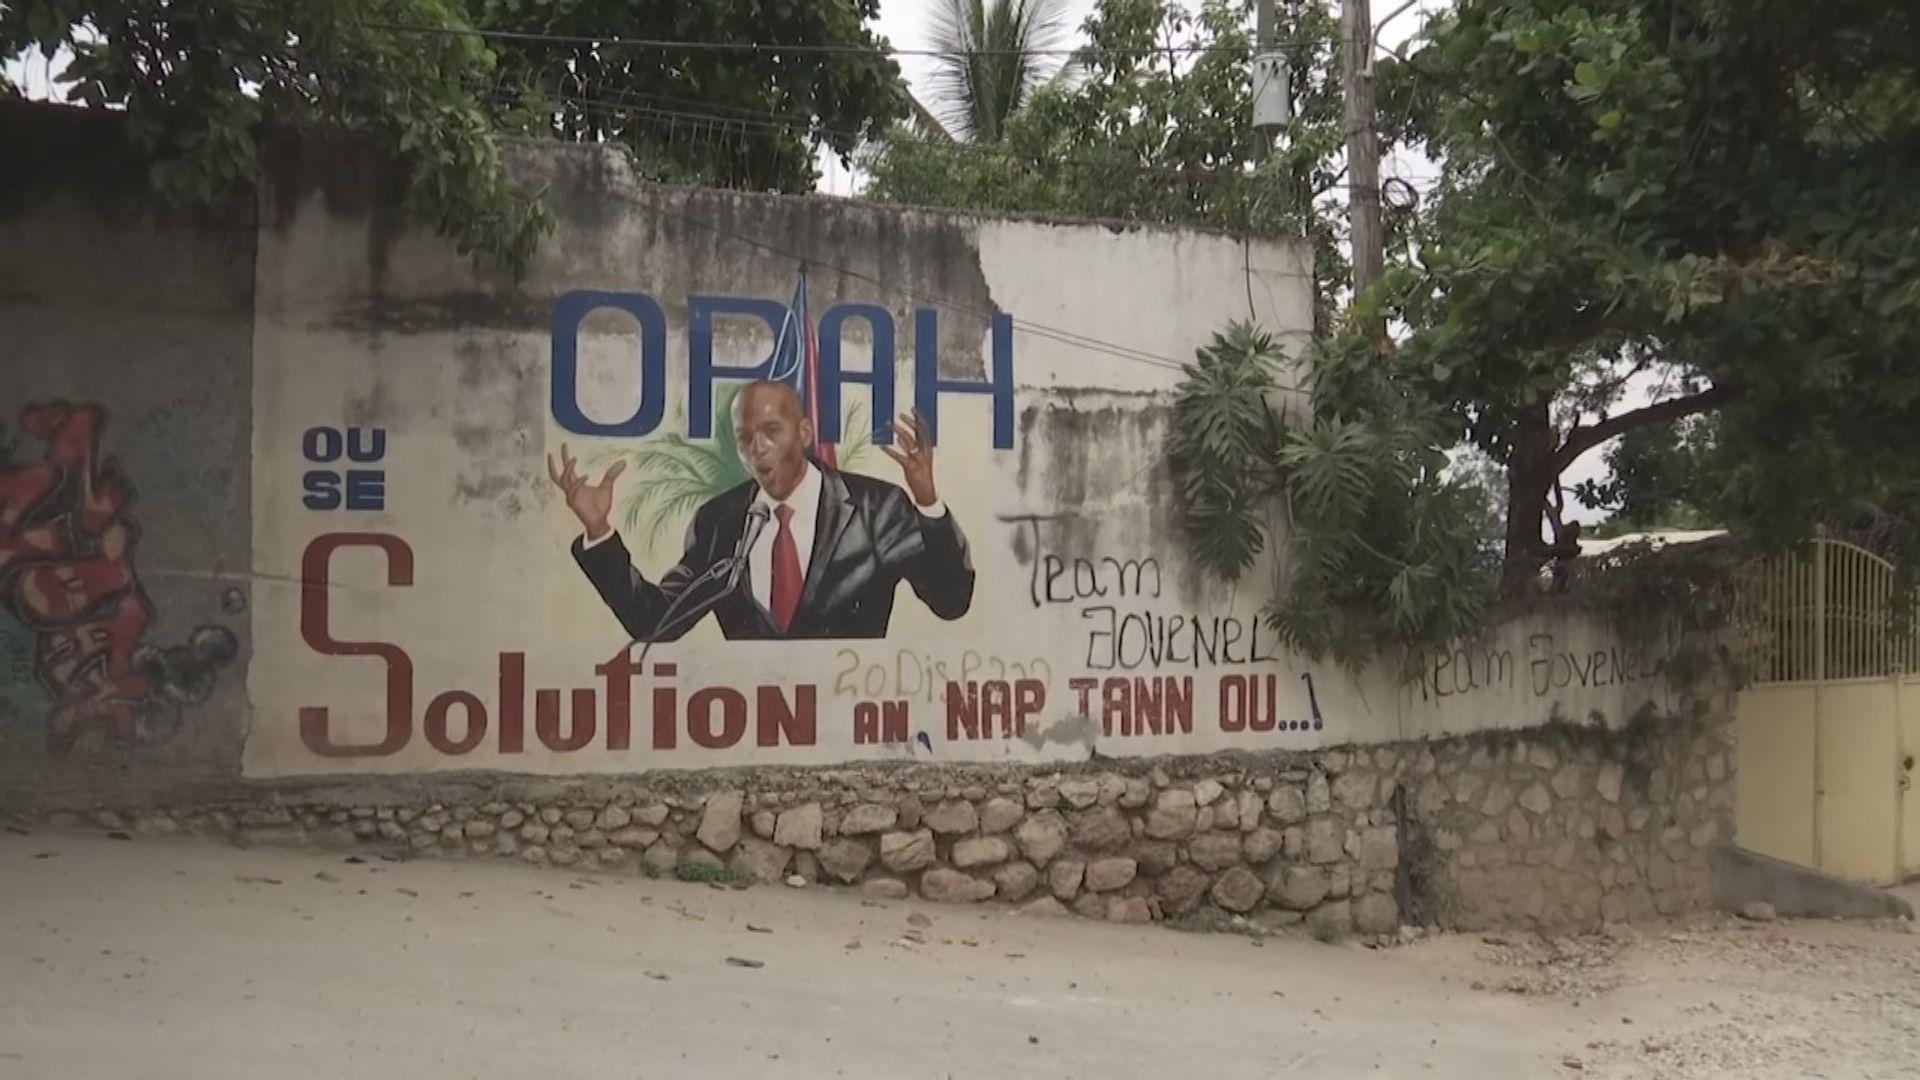 初步調查指海地一名前司法部官員曾下令暗殺總統